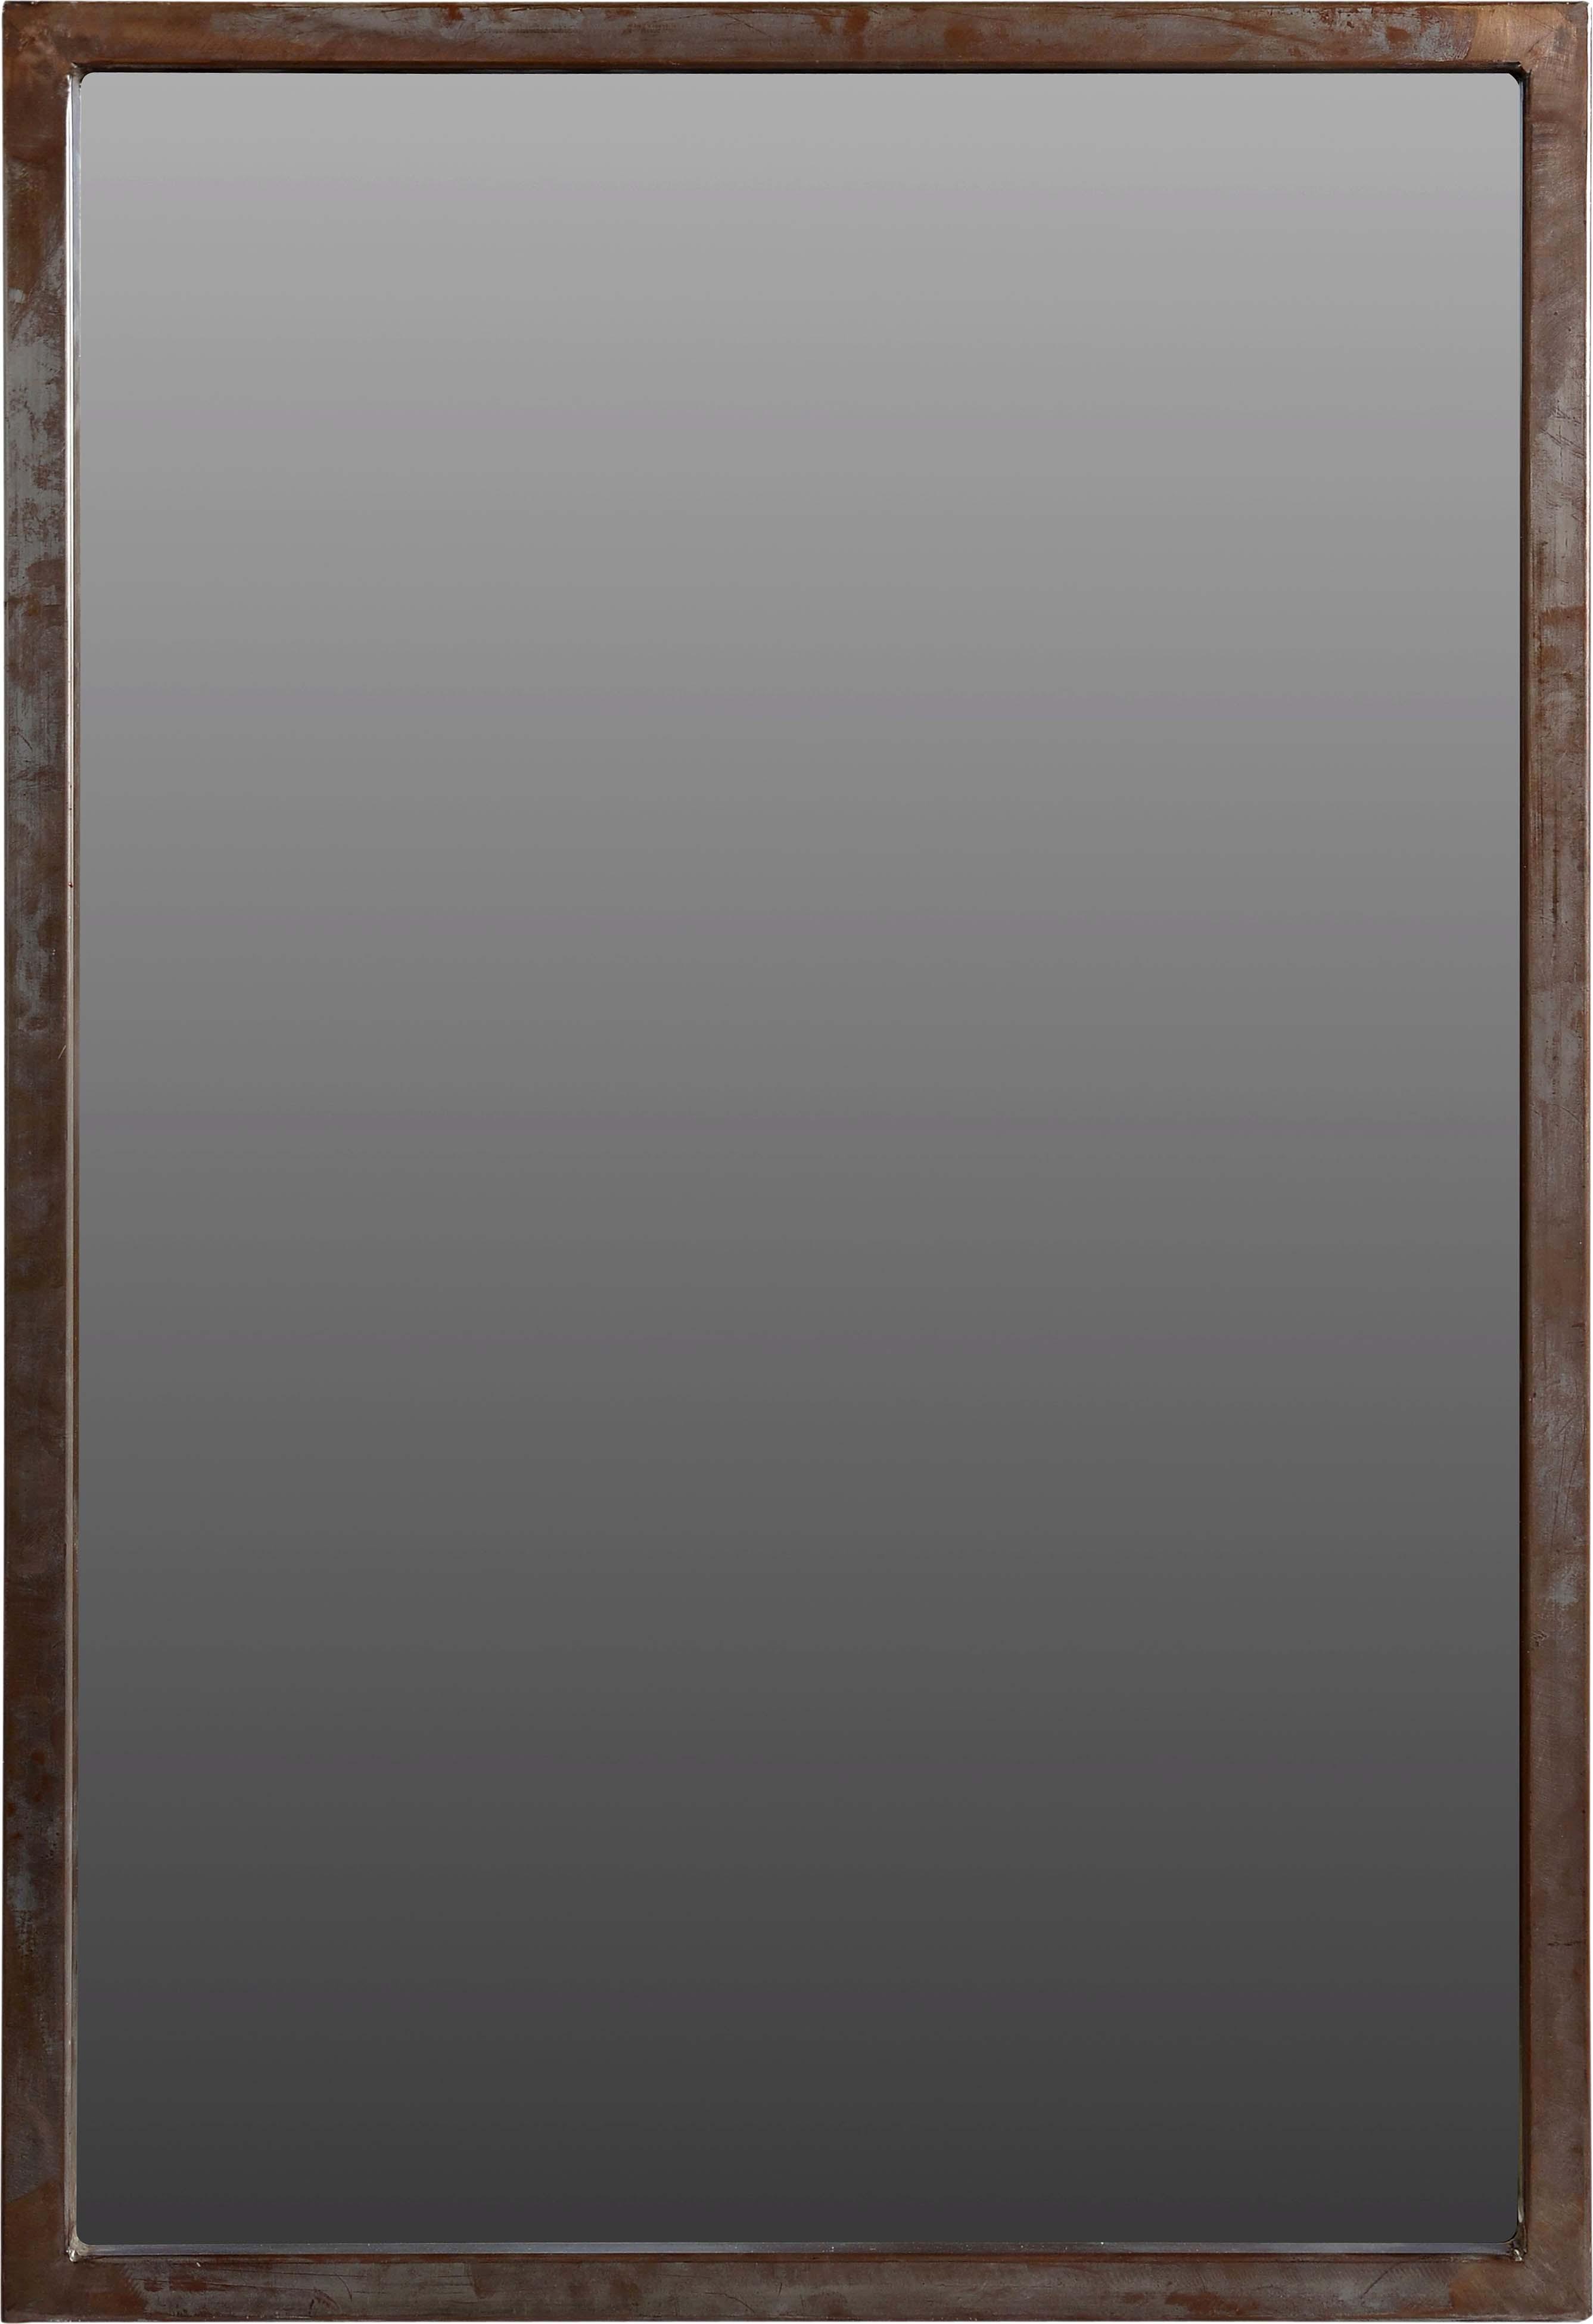 grosser spiegel finest grosser holz spiegel with grosser. Black Bedroom Furniture Sets. Home Design Ideas